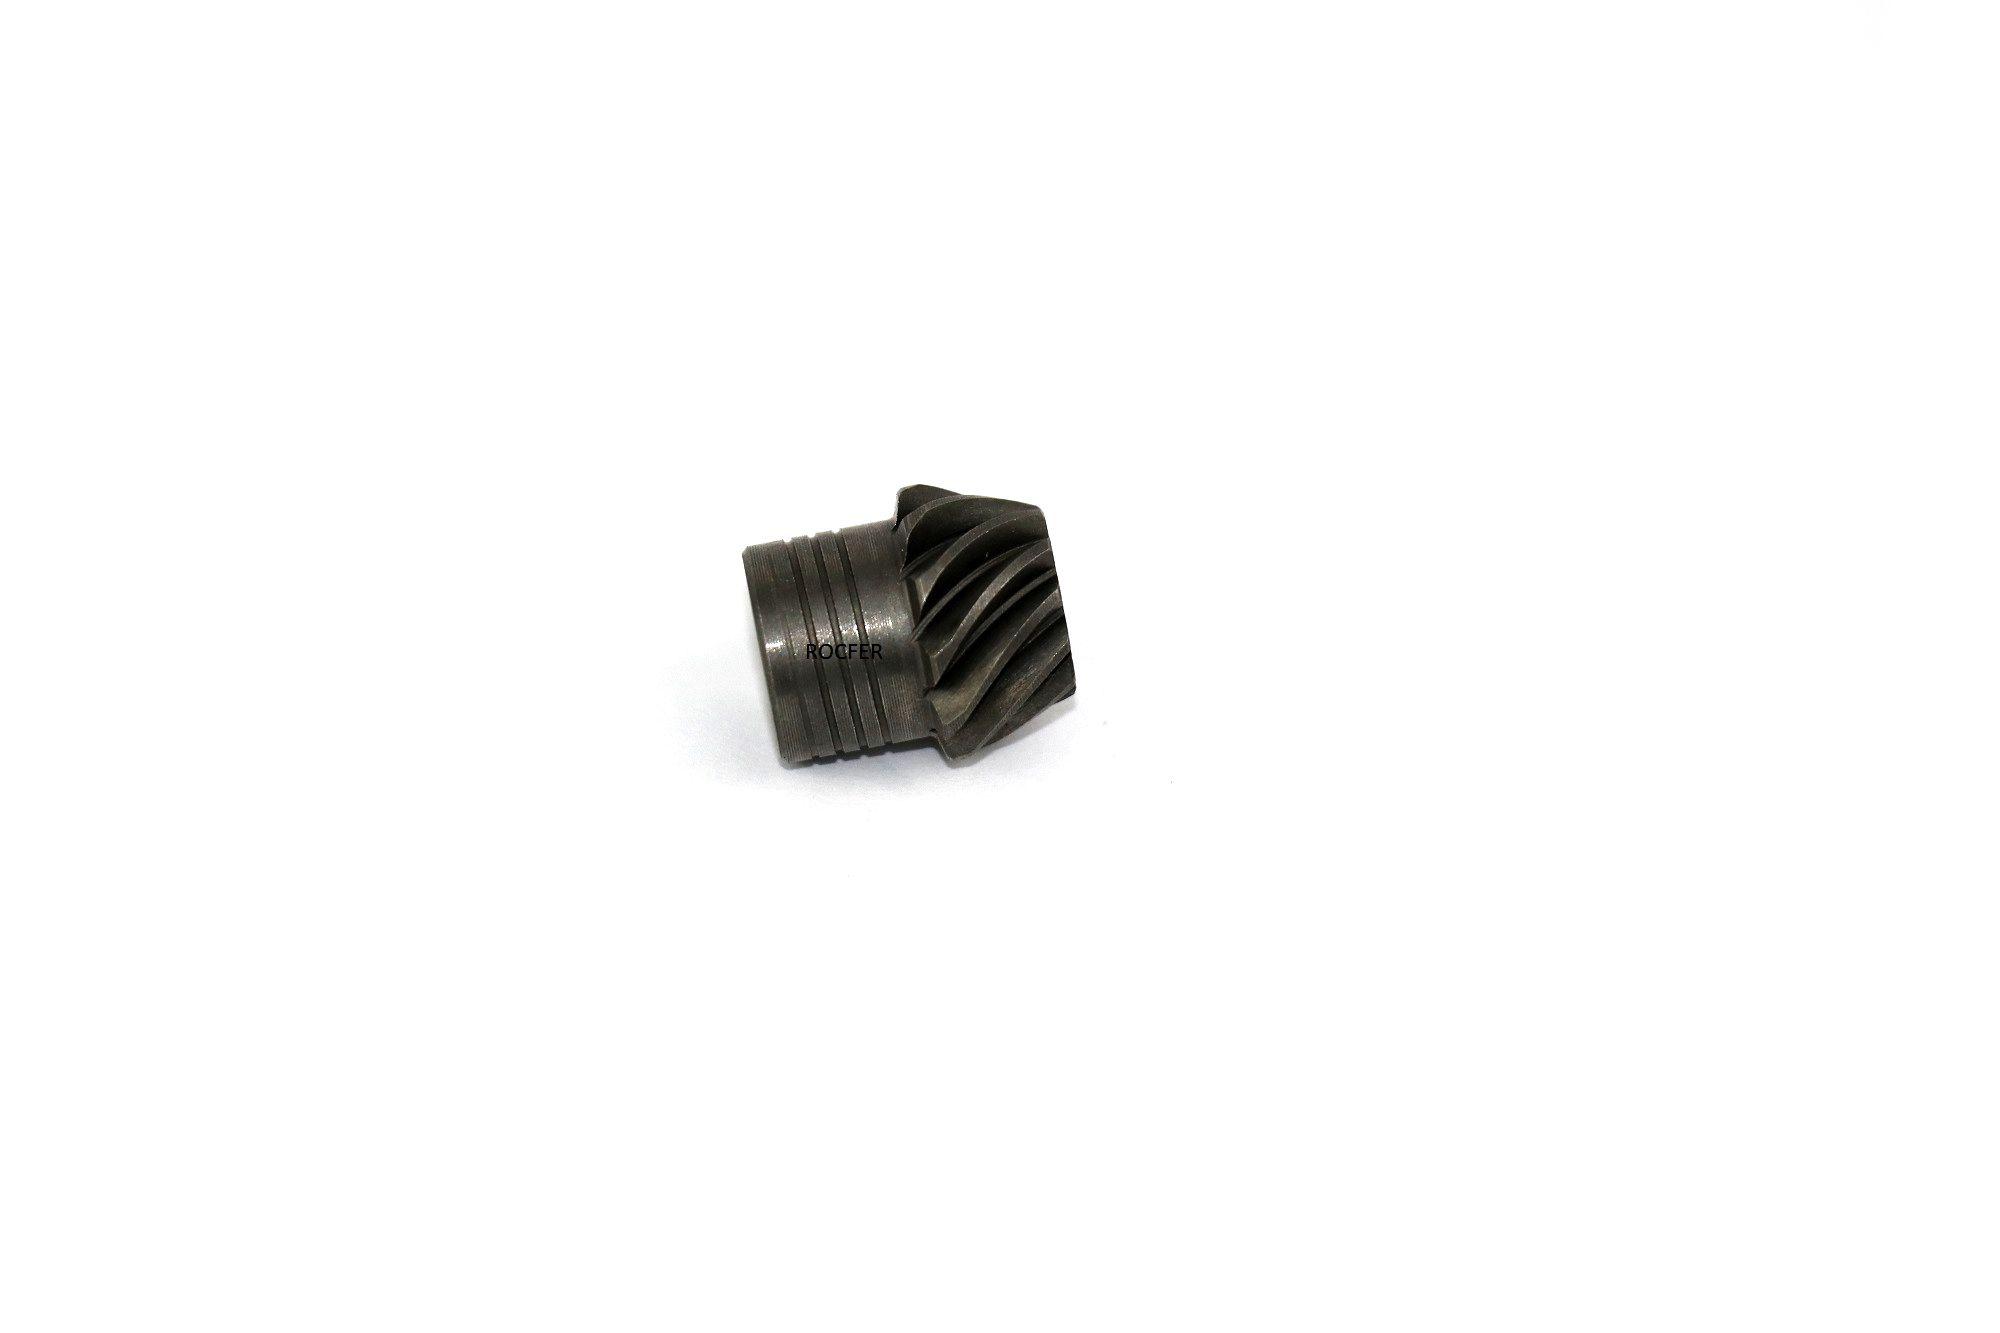 Pinhão P/ Esmerilhadeira D28090 Tipo 1 Dewalt 657370-00